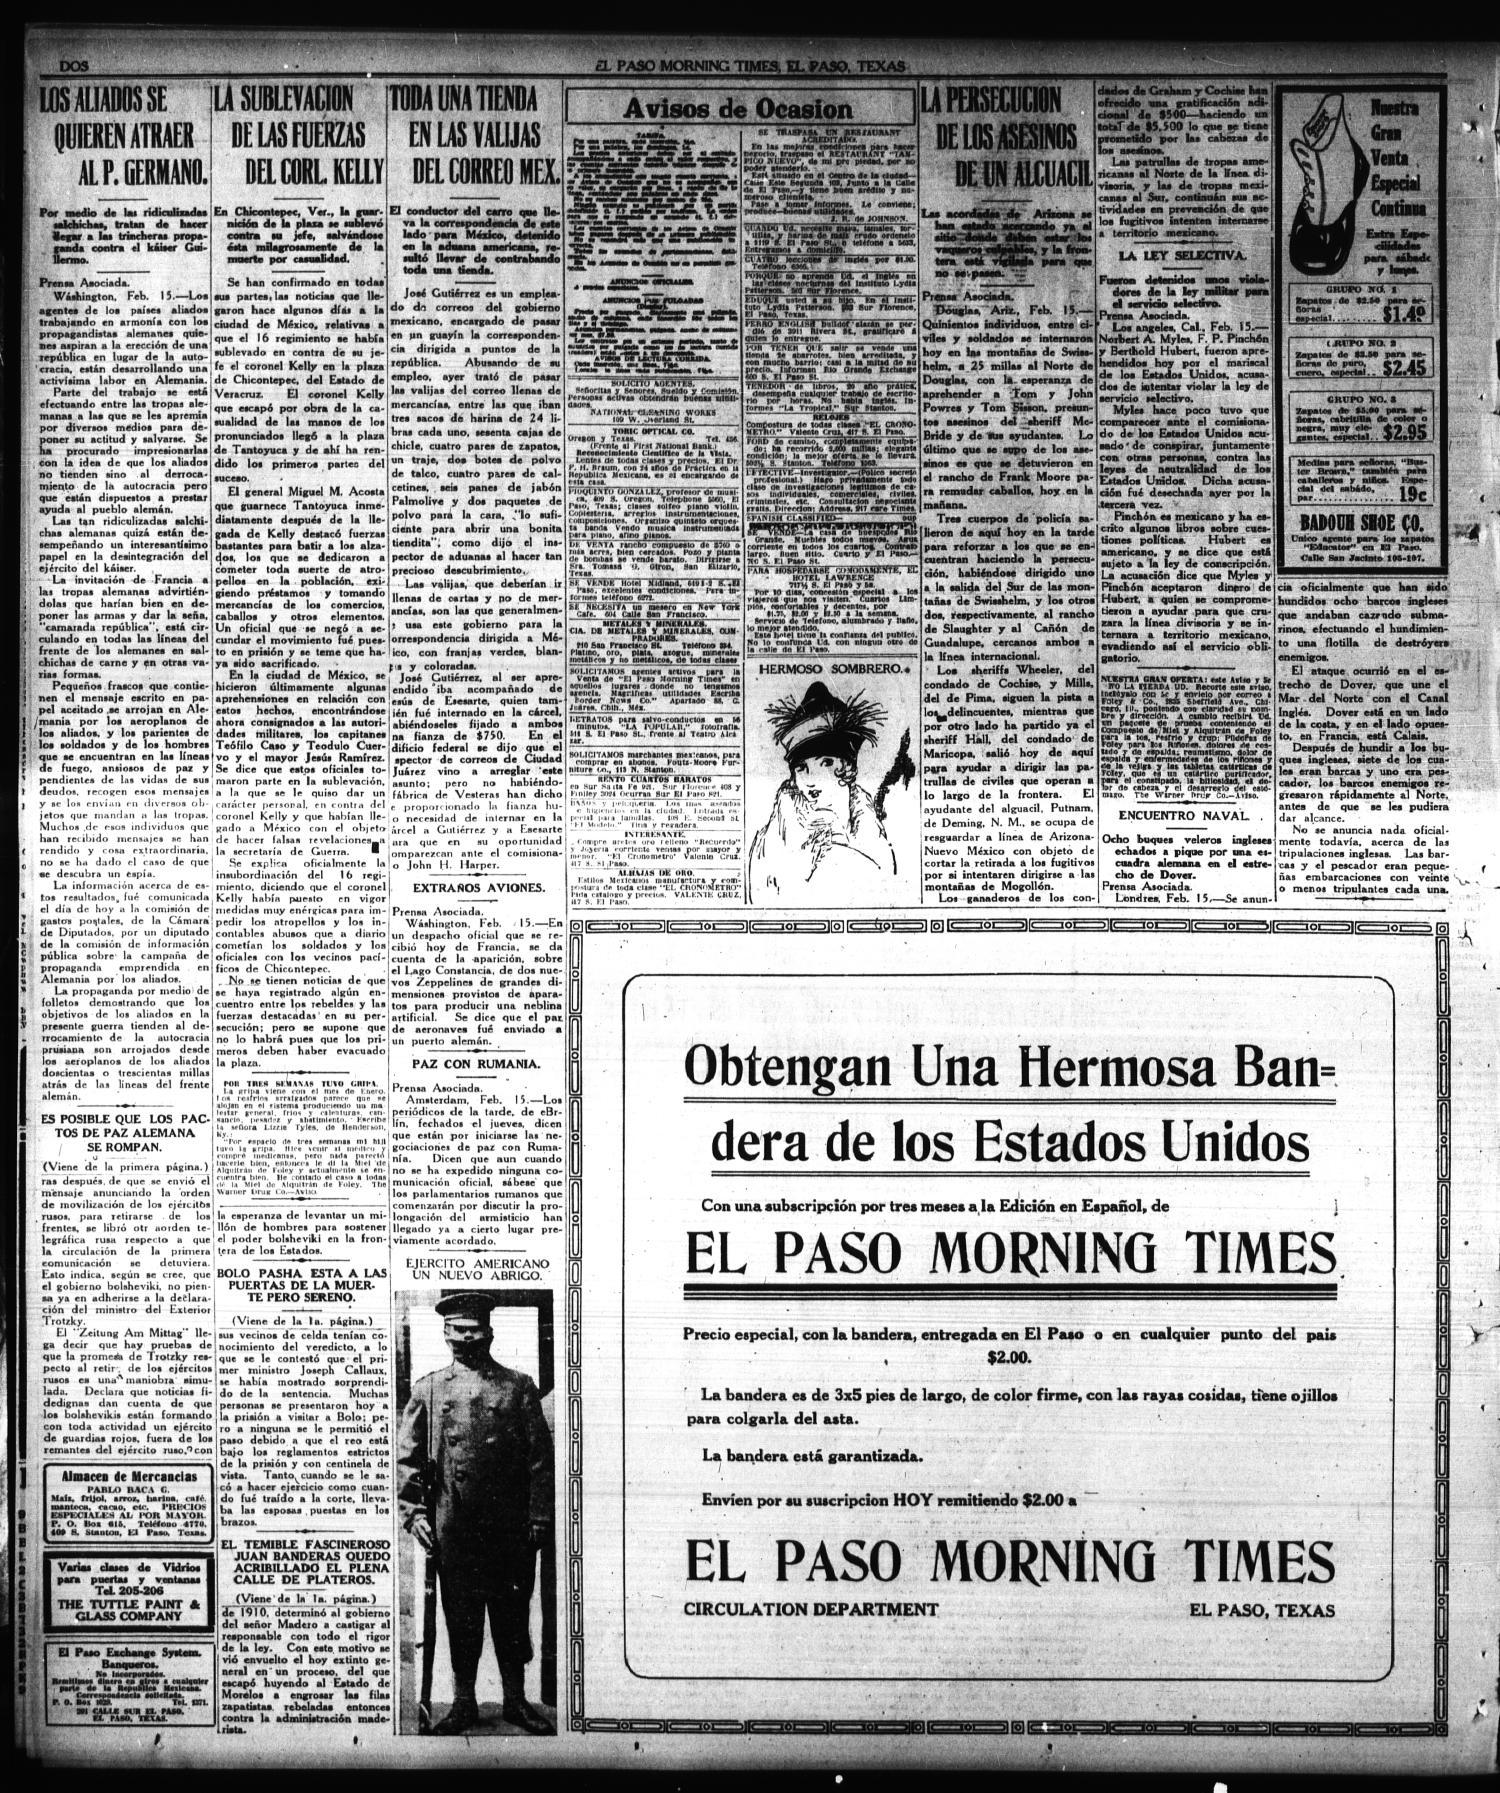 El Paso Morning Times El Paso Tex Vol 38th Year Ed 1  # Muebles Gutierrez Cortes De La Frontera